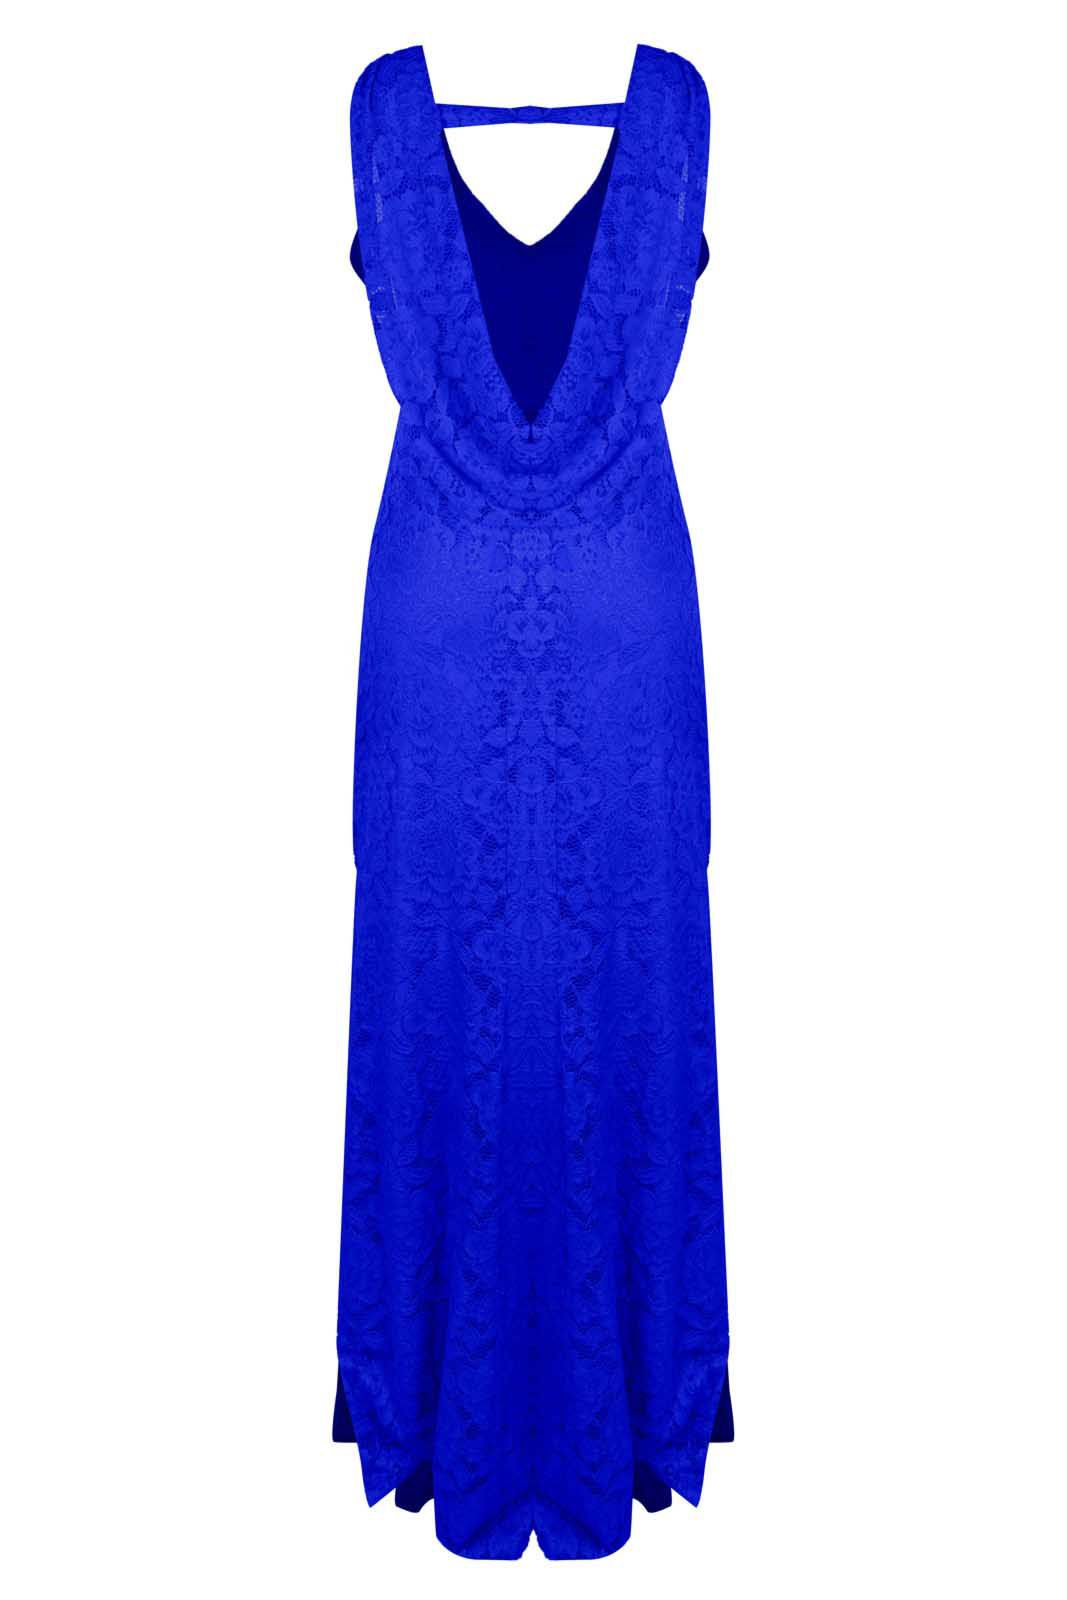 Vestido Outlet Dri Formatura Casamento Sereia Costa Nua Babado Caído Azul